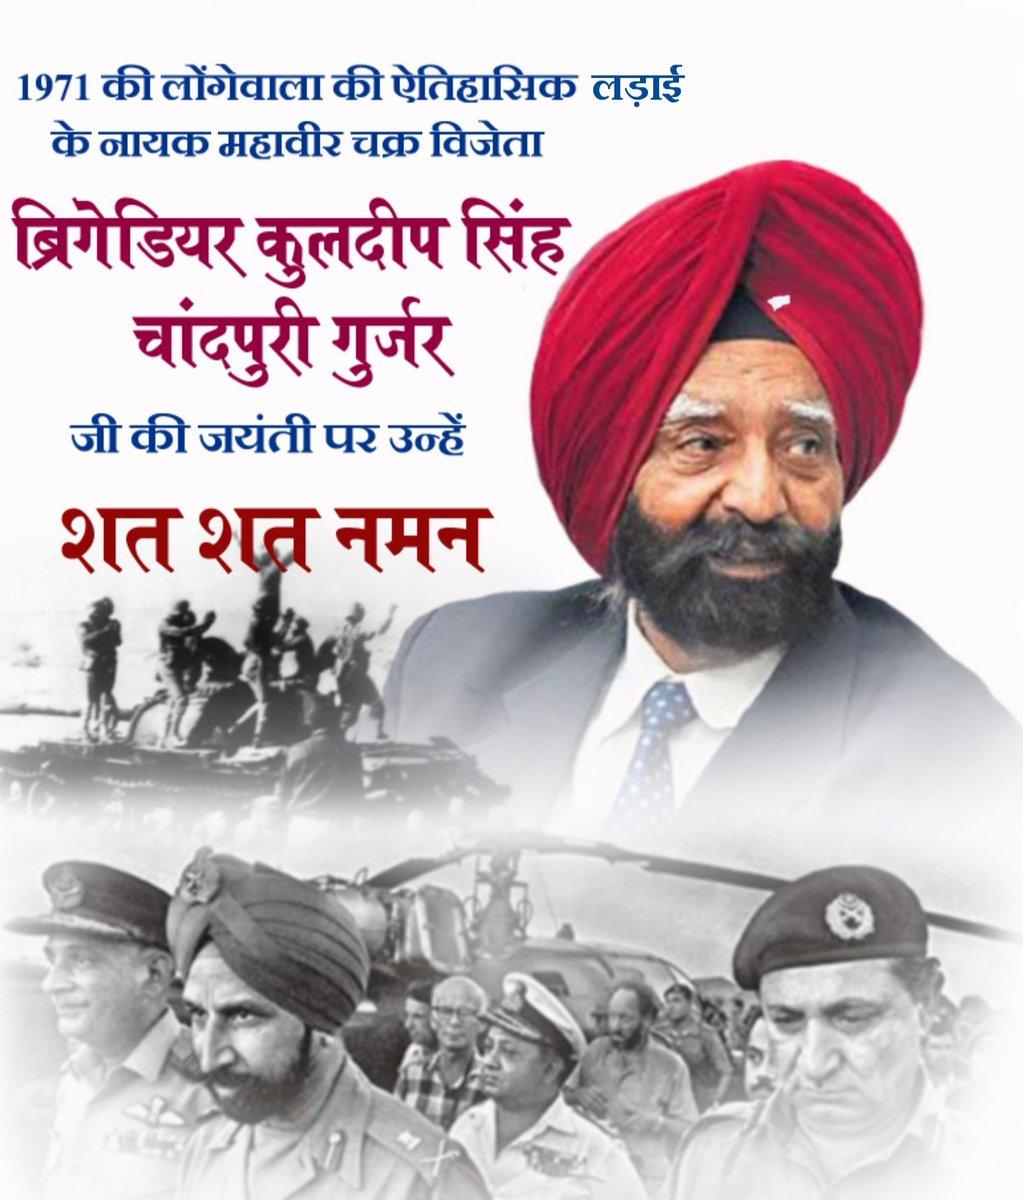 @BJP4India @ArunSinghbjp #GurjarKuldeepSinghChandpuri  #GurjarKuldeepSinghChandpuri  #GurjarKuldeepSinghChandpuri